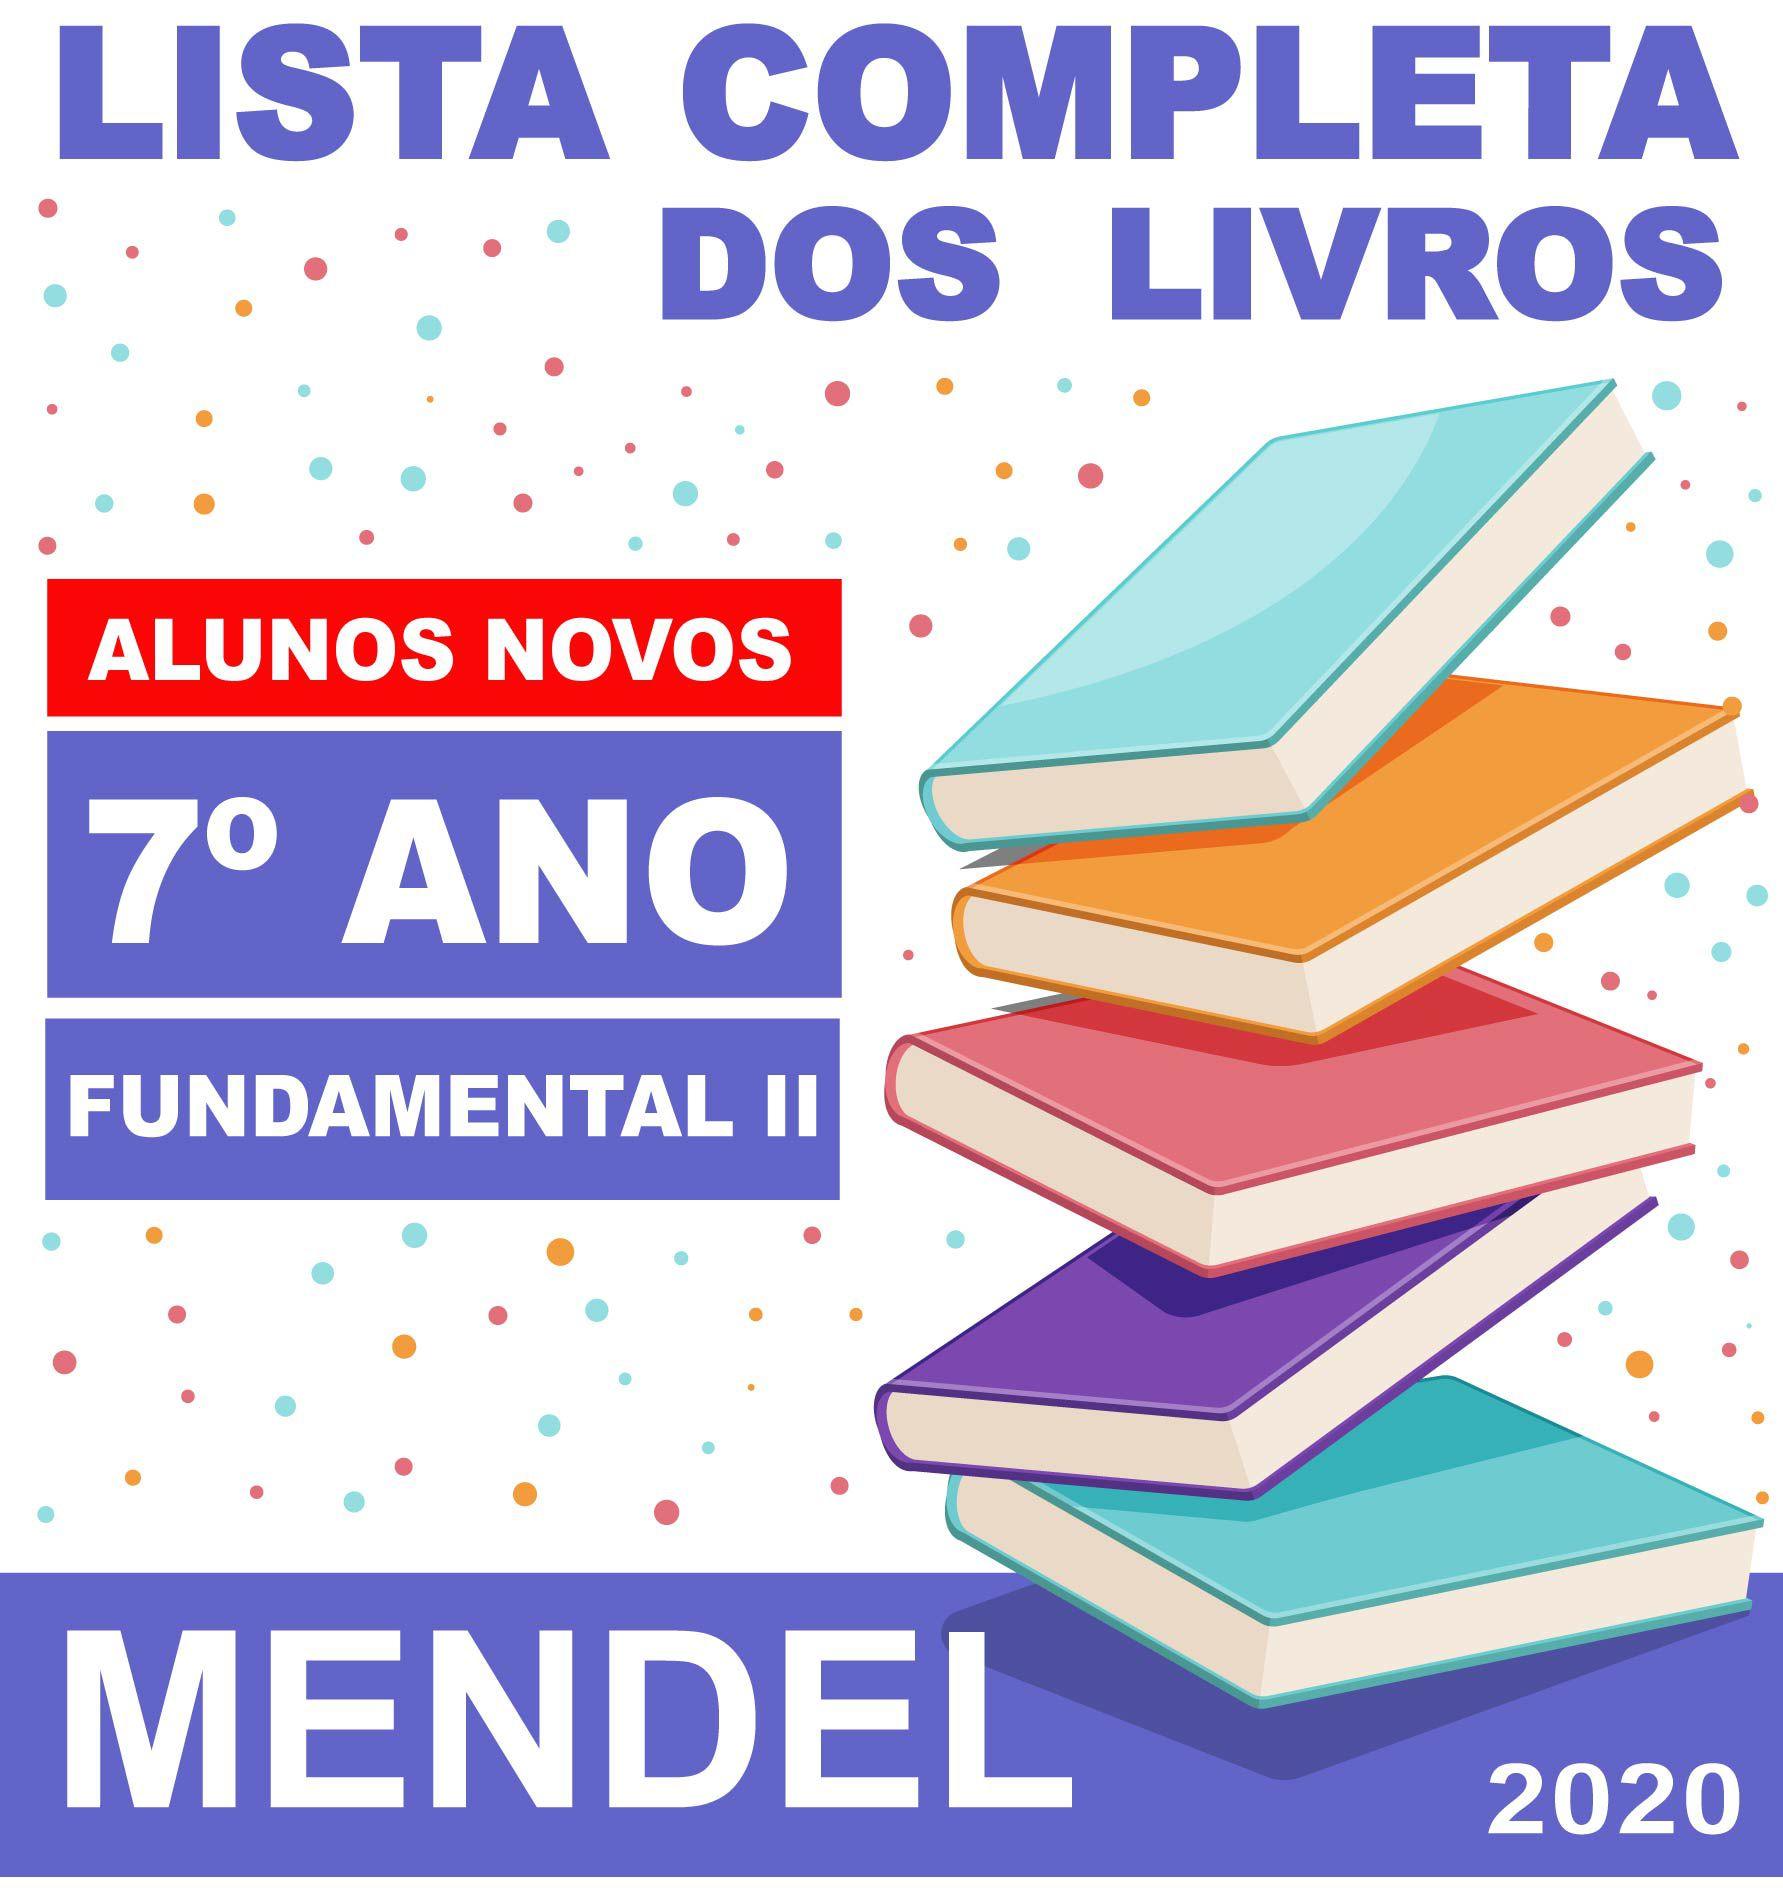 LISTA COMPLETA DE LIVROS 7º ANO ALUNOS NOVOS - FUNDAMENTAL 2